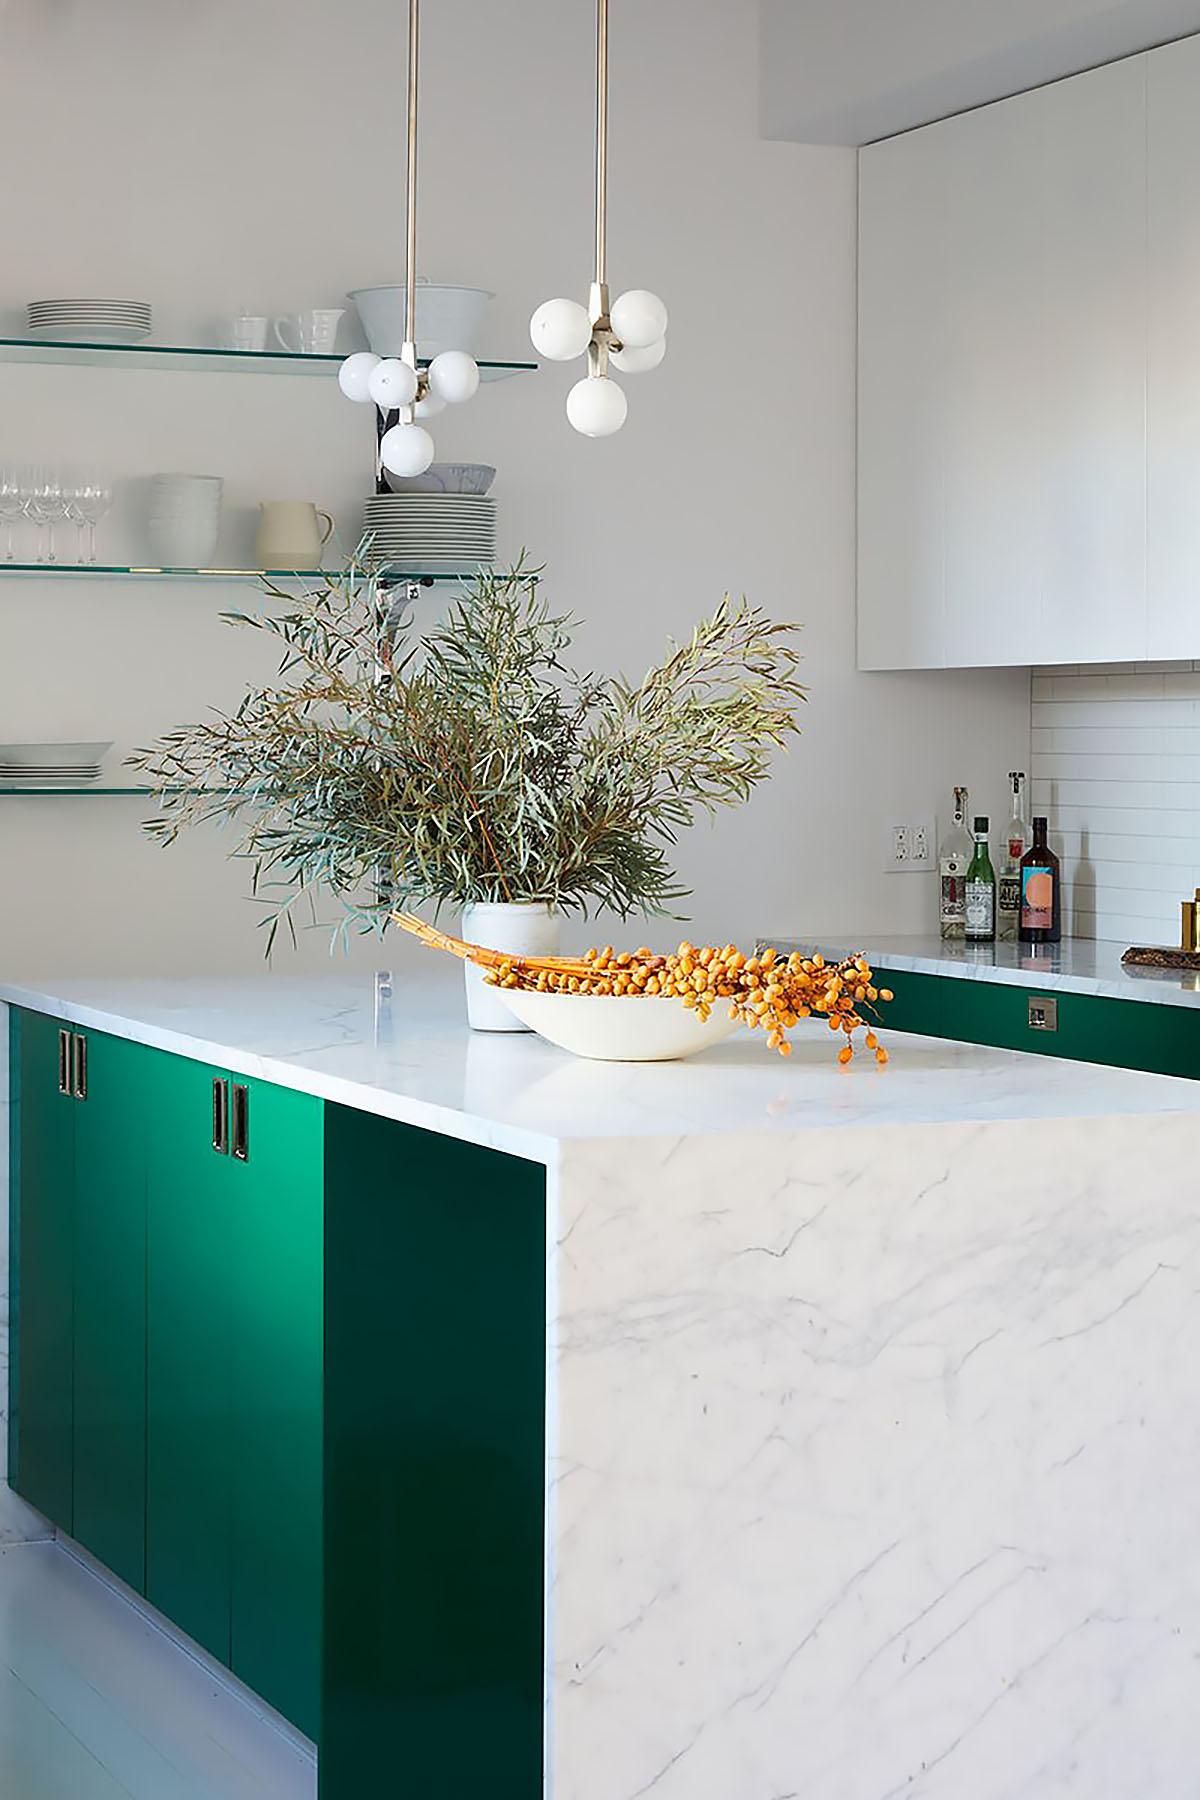 10 ý tưởng tủ bếp hiện đại 8 - 10 Ý TƯỞNG TỦ BẾP HIỆN ĐẠI LÀM MỚI CĂN BẾP CỦA BẠN